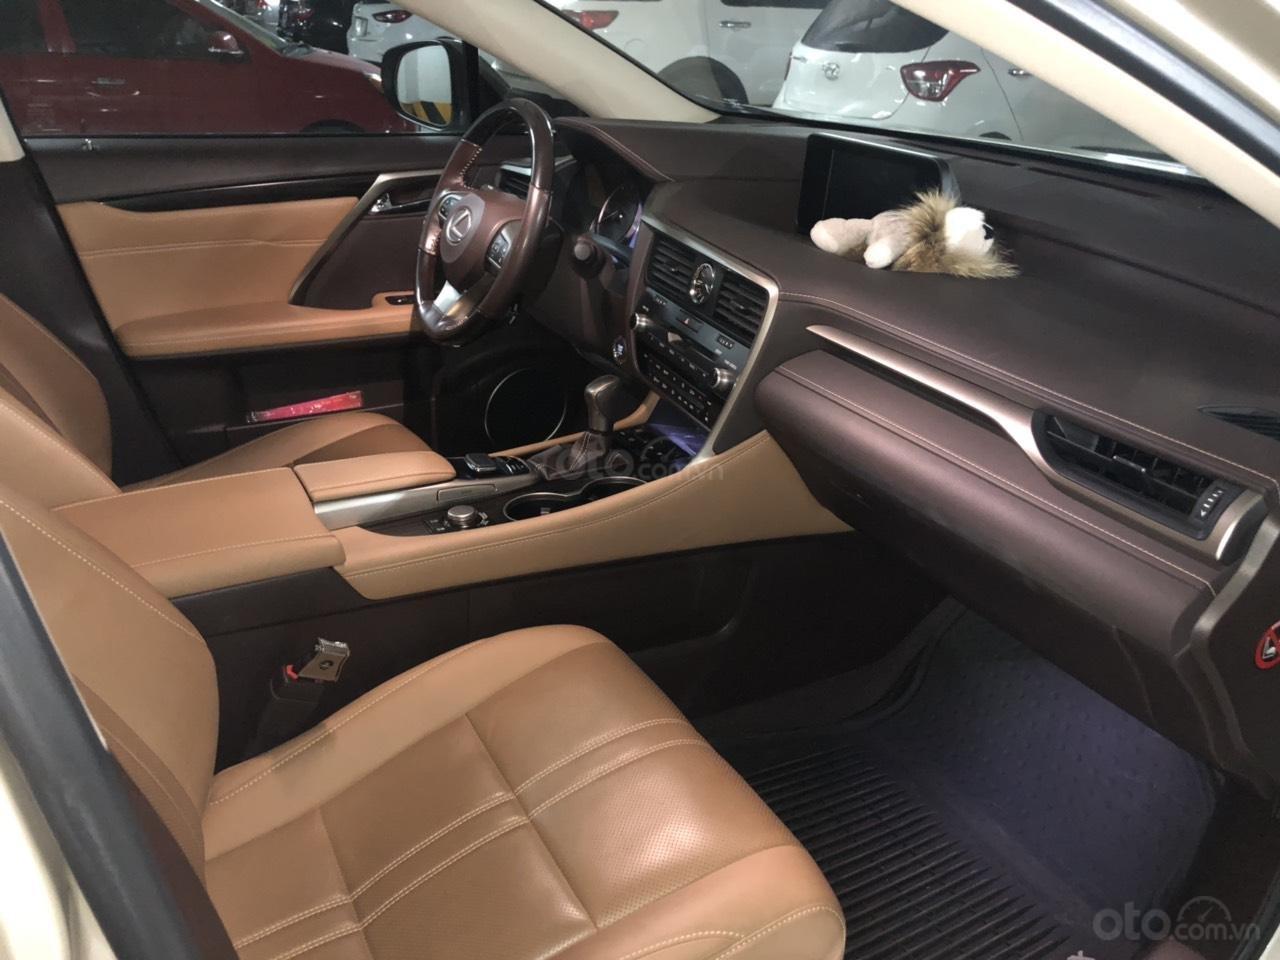 Bán xe Lexus RX 200t sản xuất 2016, màu vàng, xe nhập, chính chủ sử dụng (3)